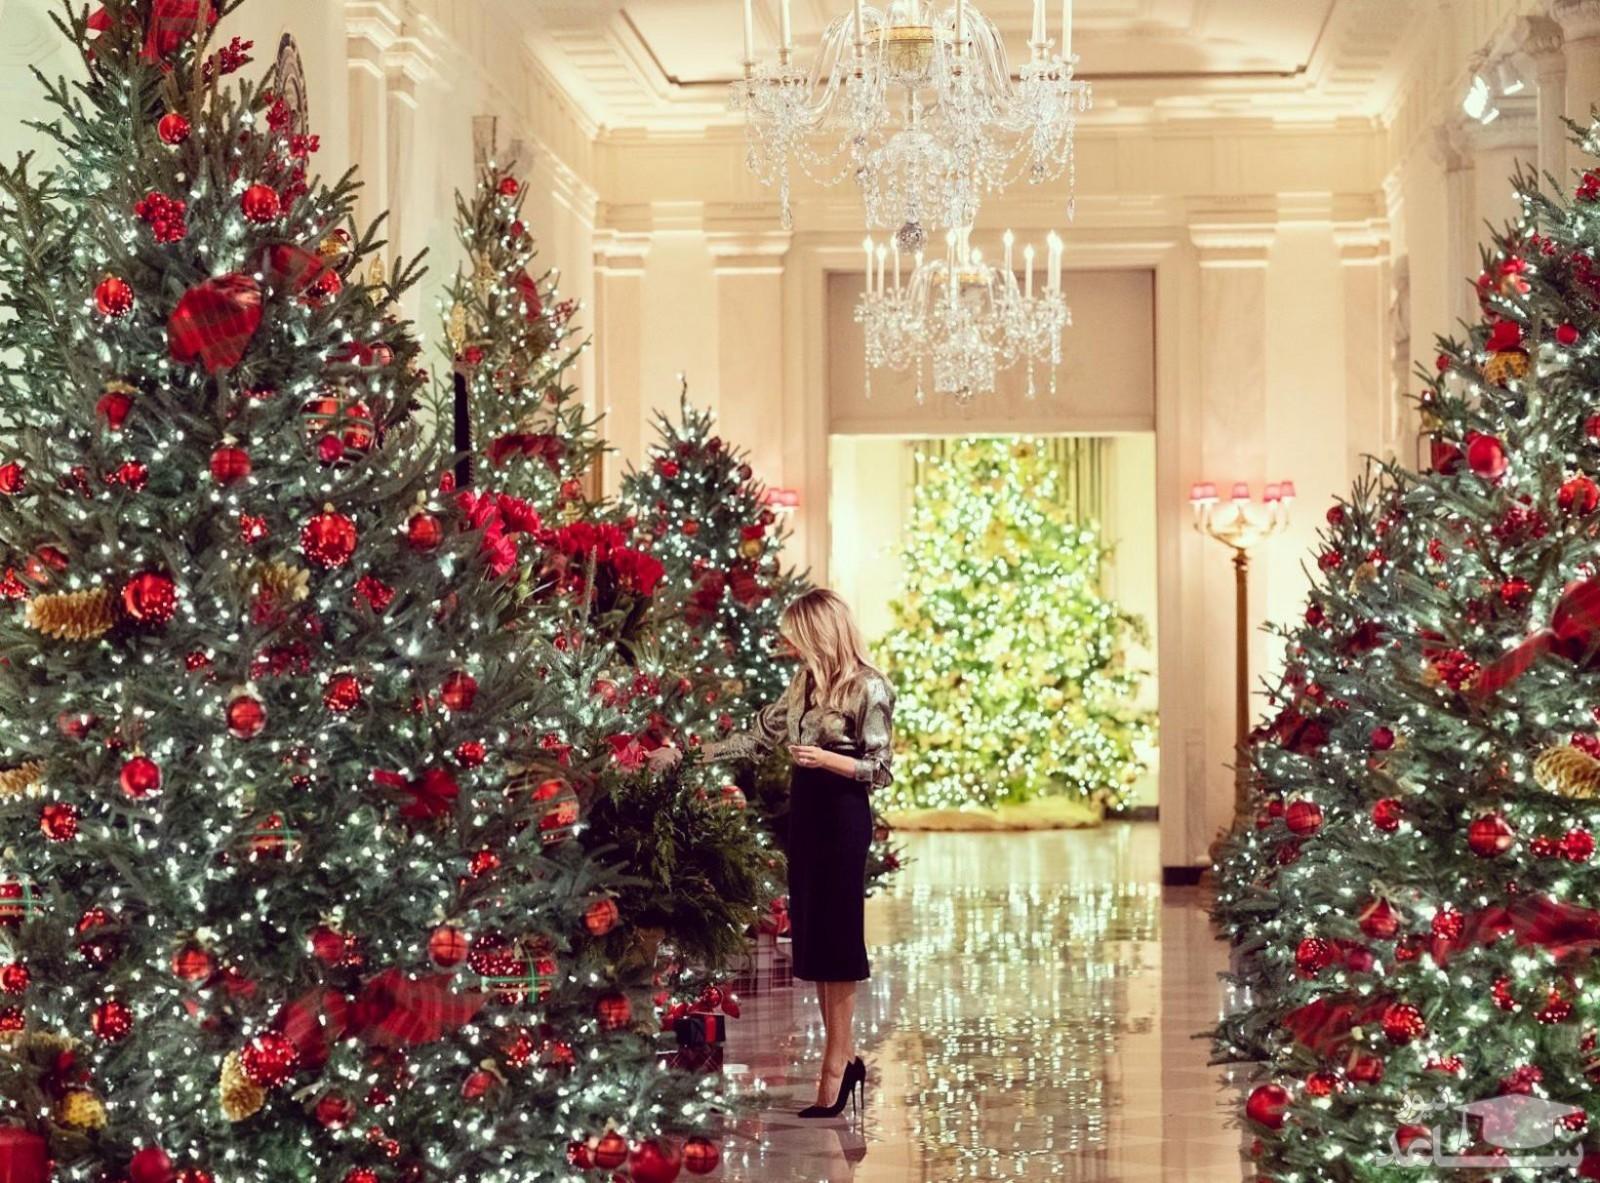 (تصاویر) رونمایی ملانیا ترامپ از آخرین دکوراسیون کریسمسش در کاخ سفید